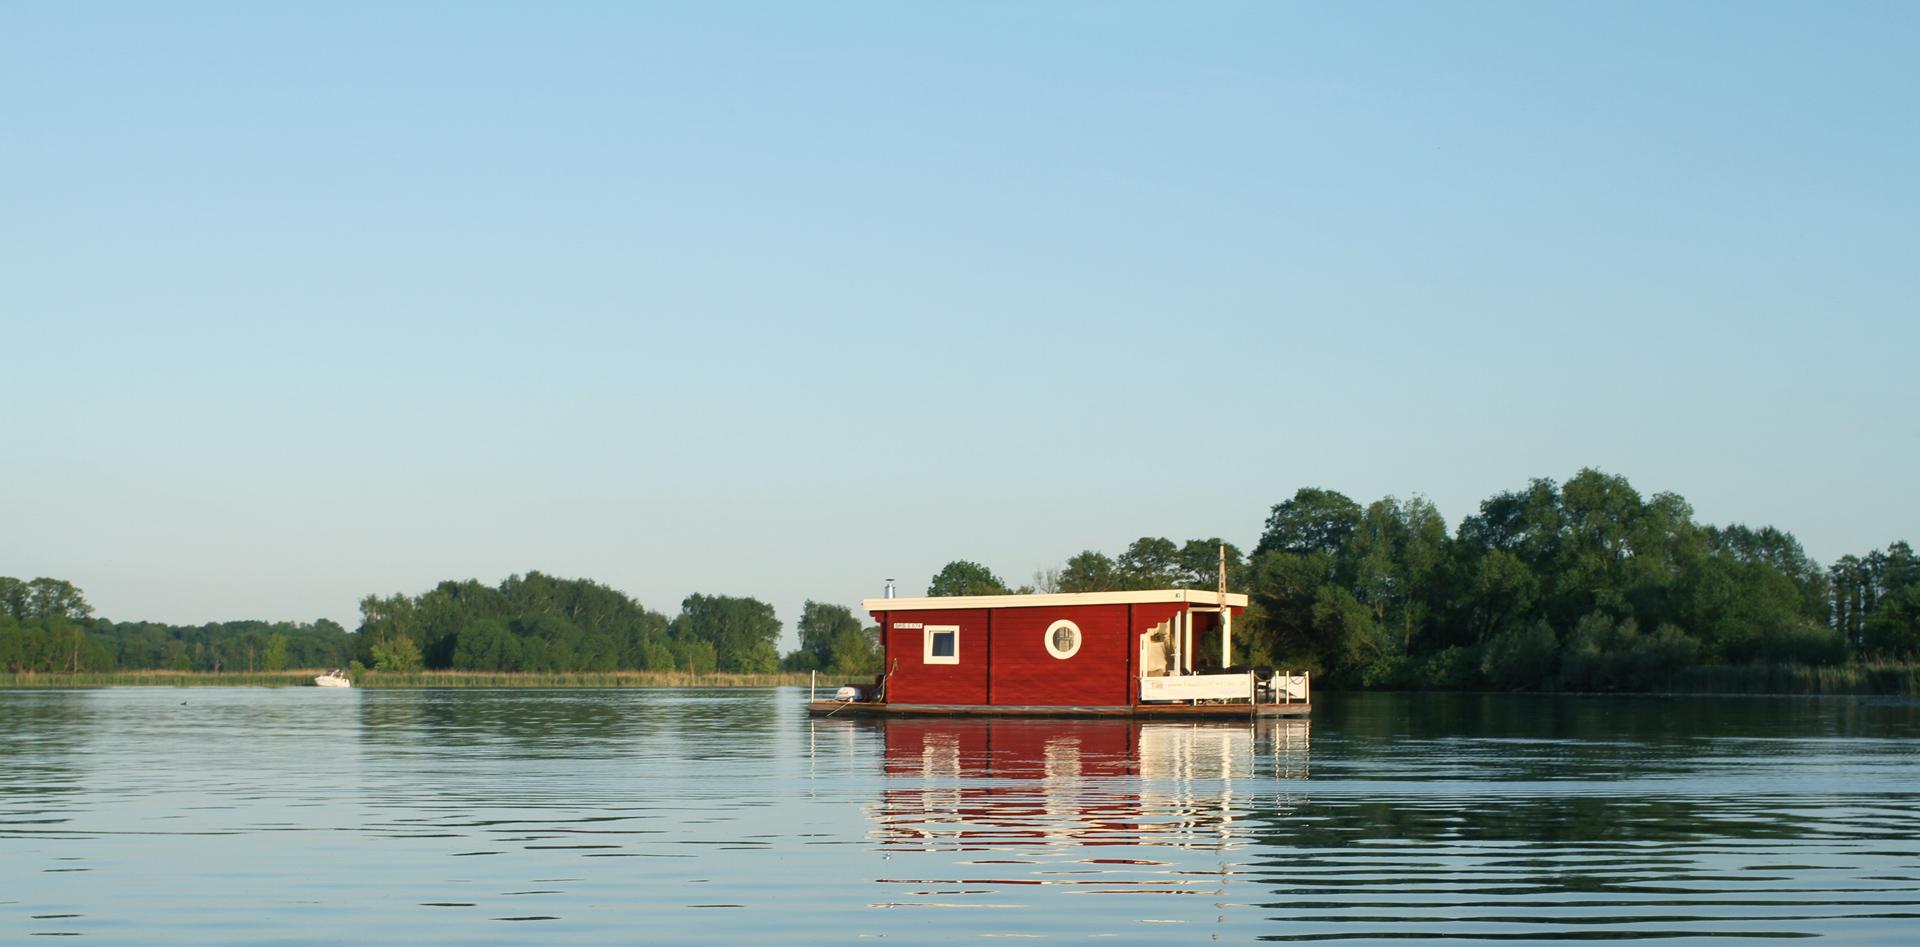 urlaub auf hausboot urlaub auf dem hausboot mecklenburgische seenplatte urlaub auf hausboot. Black Bedroom Furniture Sets. Home Design Ideas